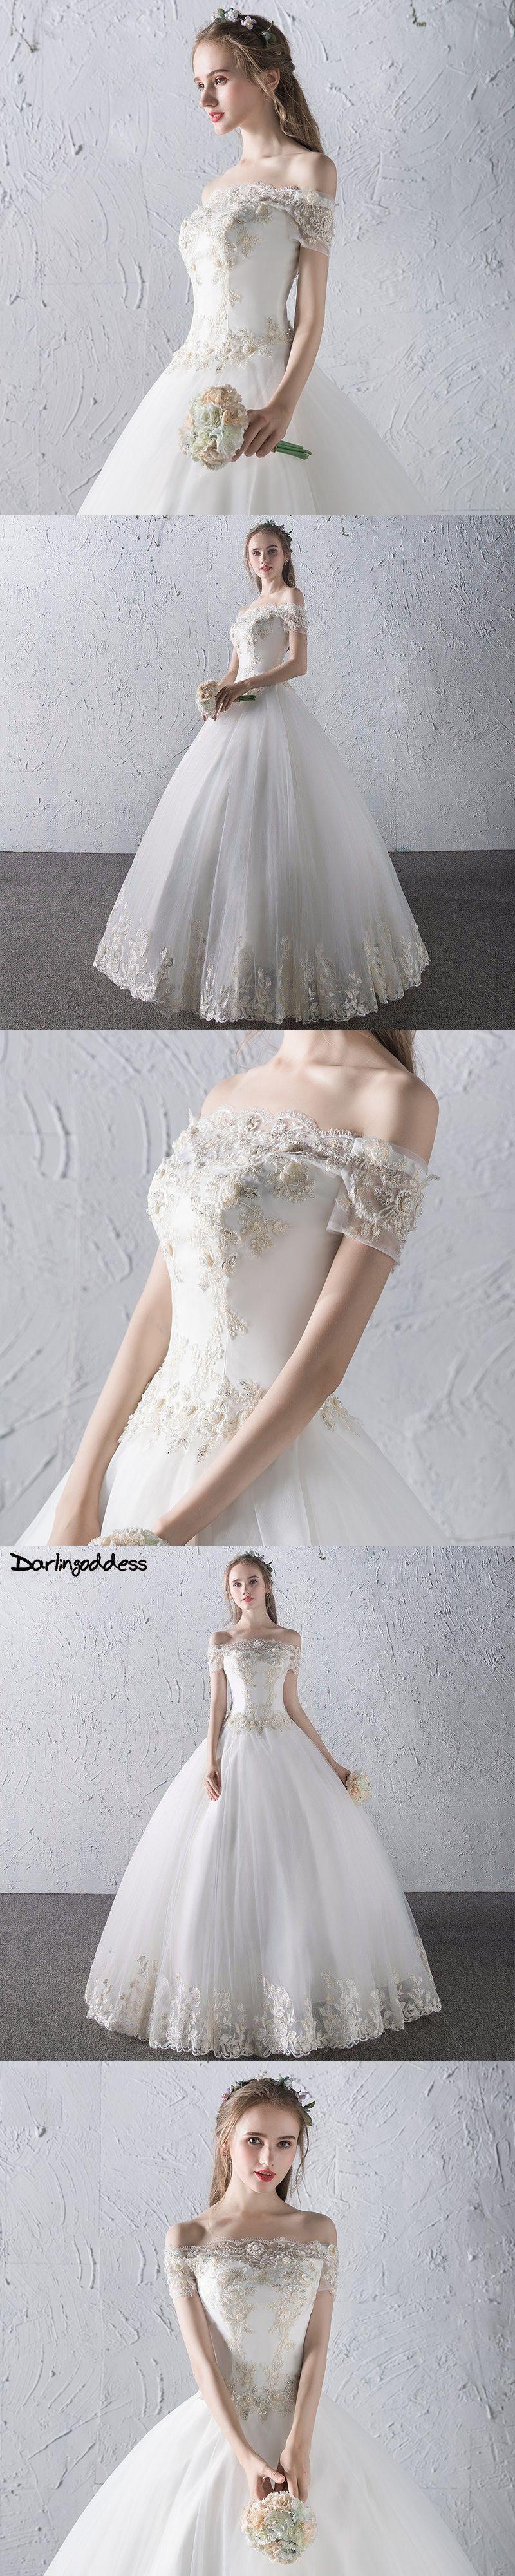 Newest style princess lace wedding dresses turkey short sleeve